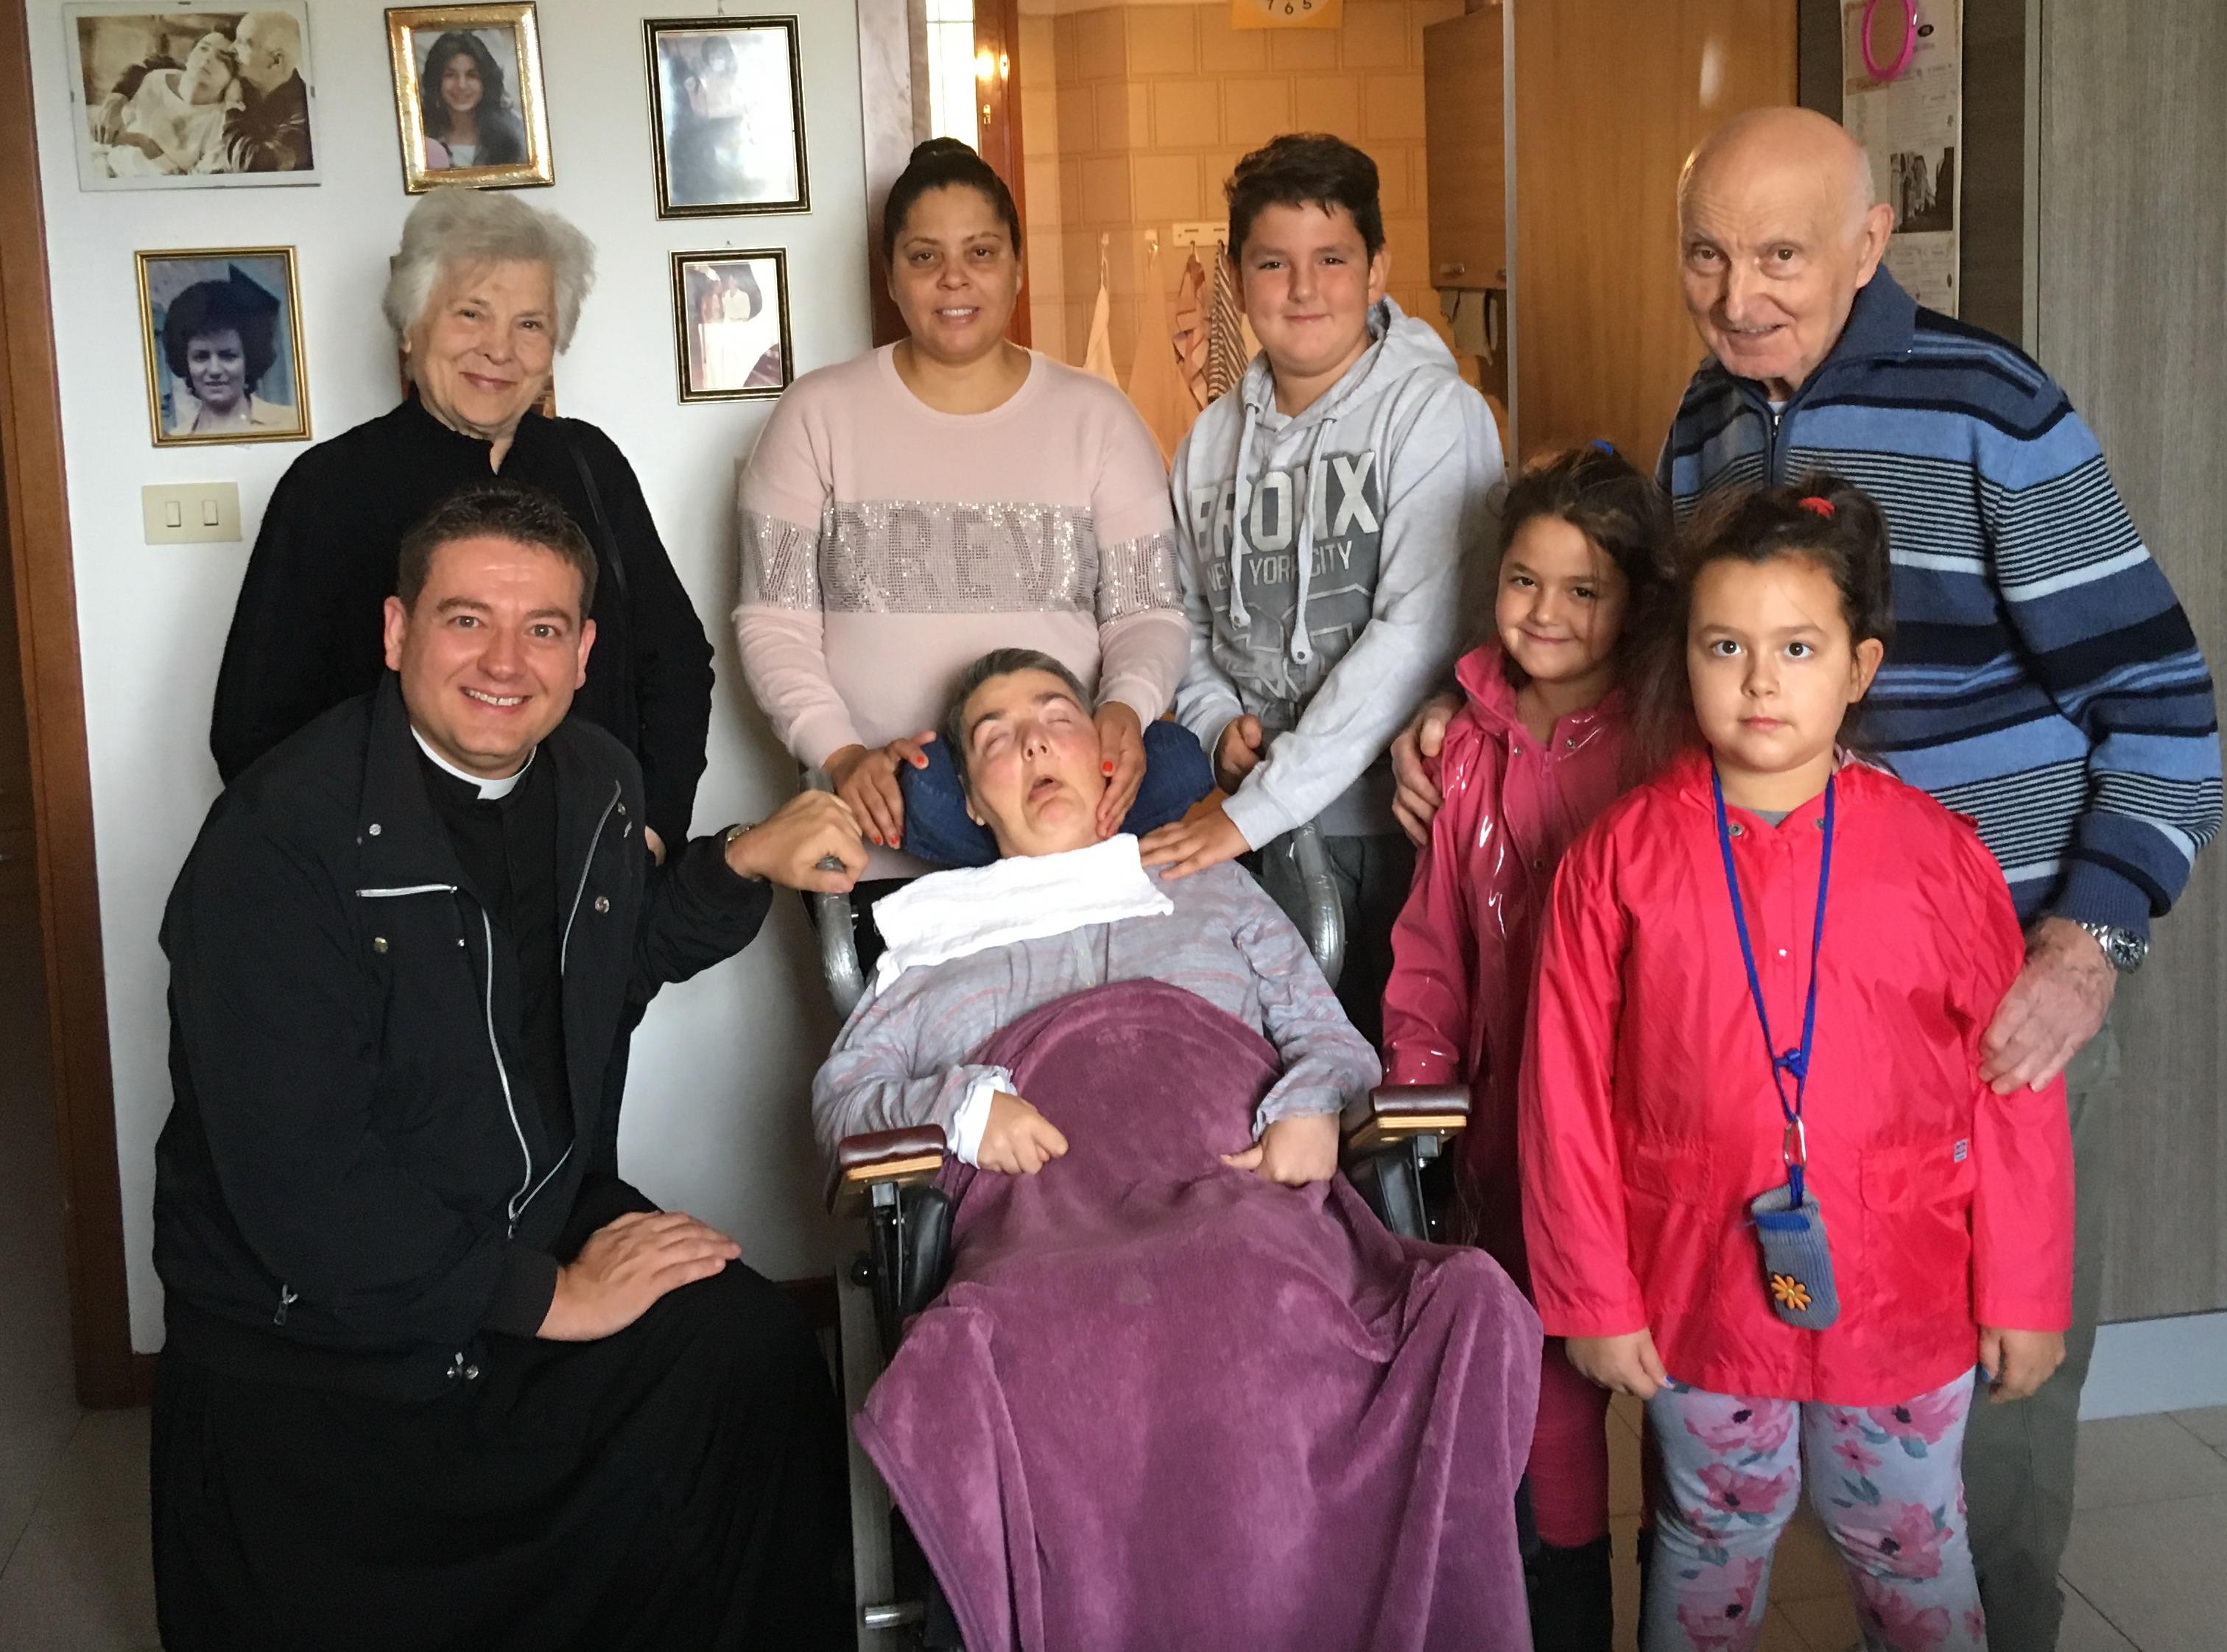 Visita a CRISTINA Magrini di don Massimo Vacchetti nuovo Presidente della fondazione Gesù Divino Operaio che gestisce il Villaggio della Speranza di Villa Pallavicini dove vivono Cristina e il papà Romano. Con lui alcuni ragazzi del Villaggio.